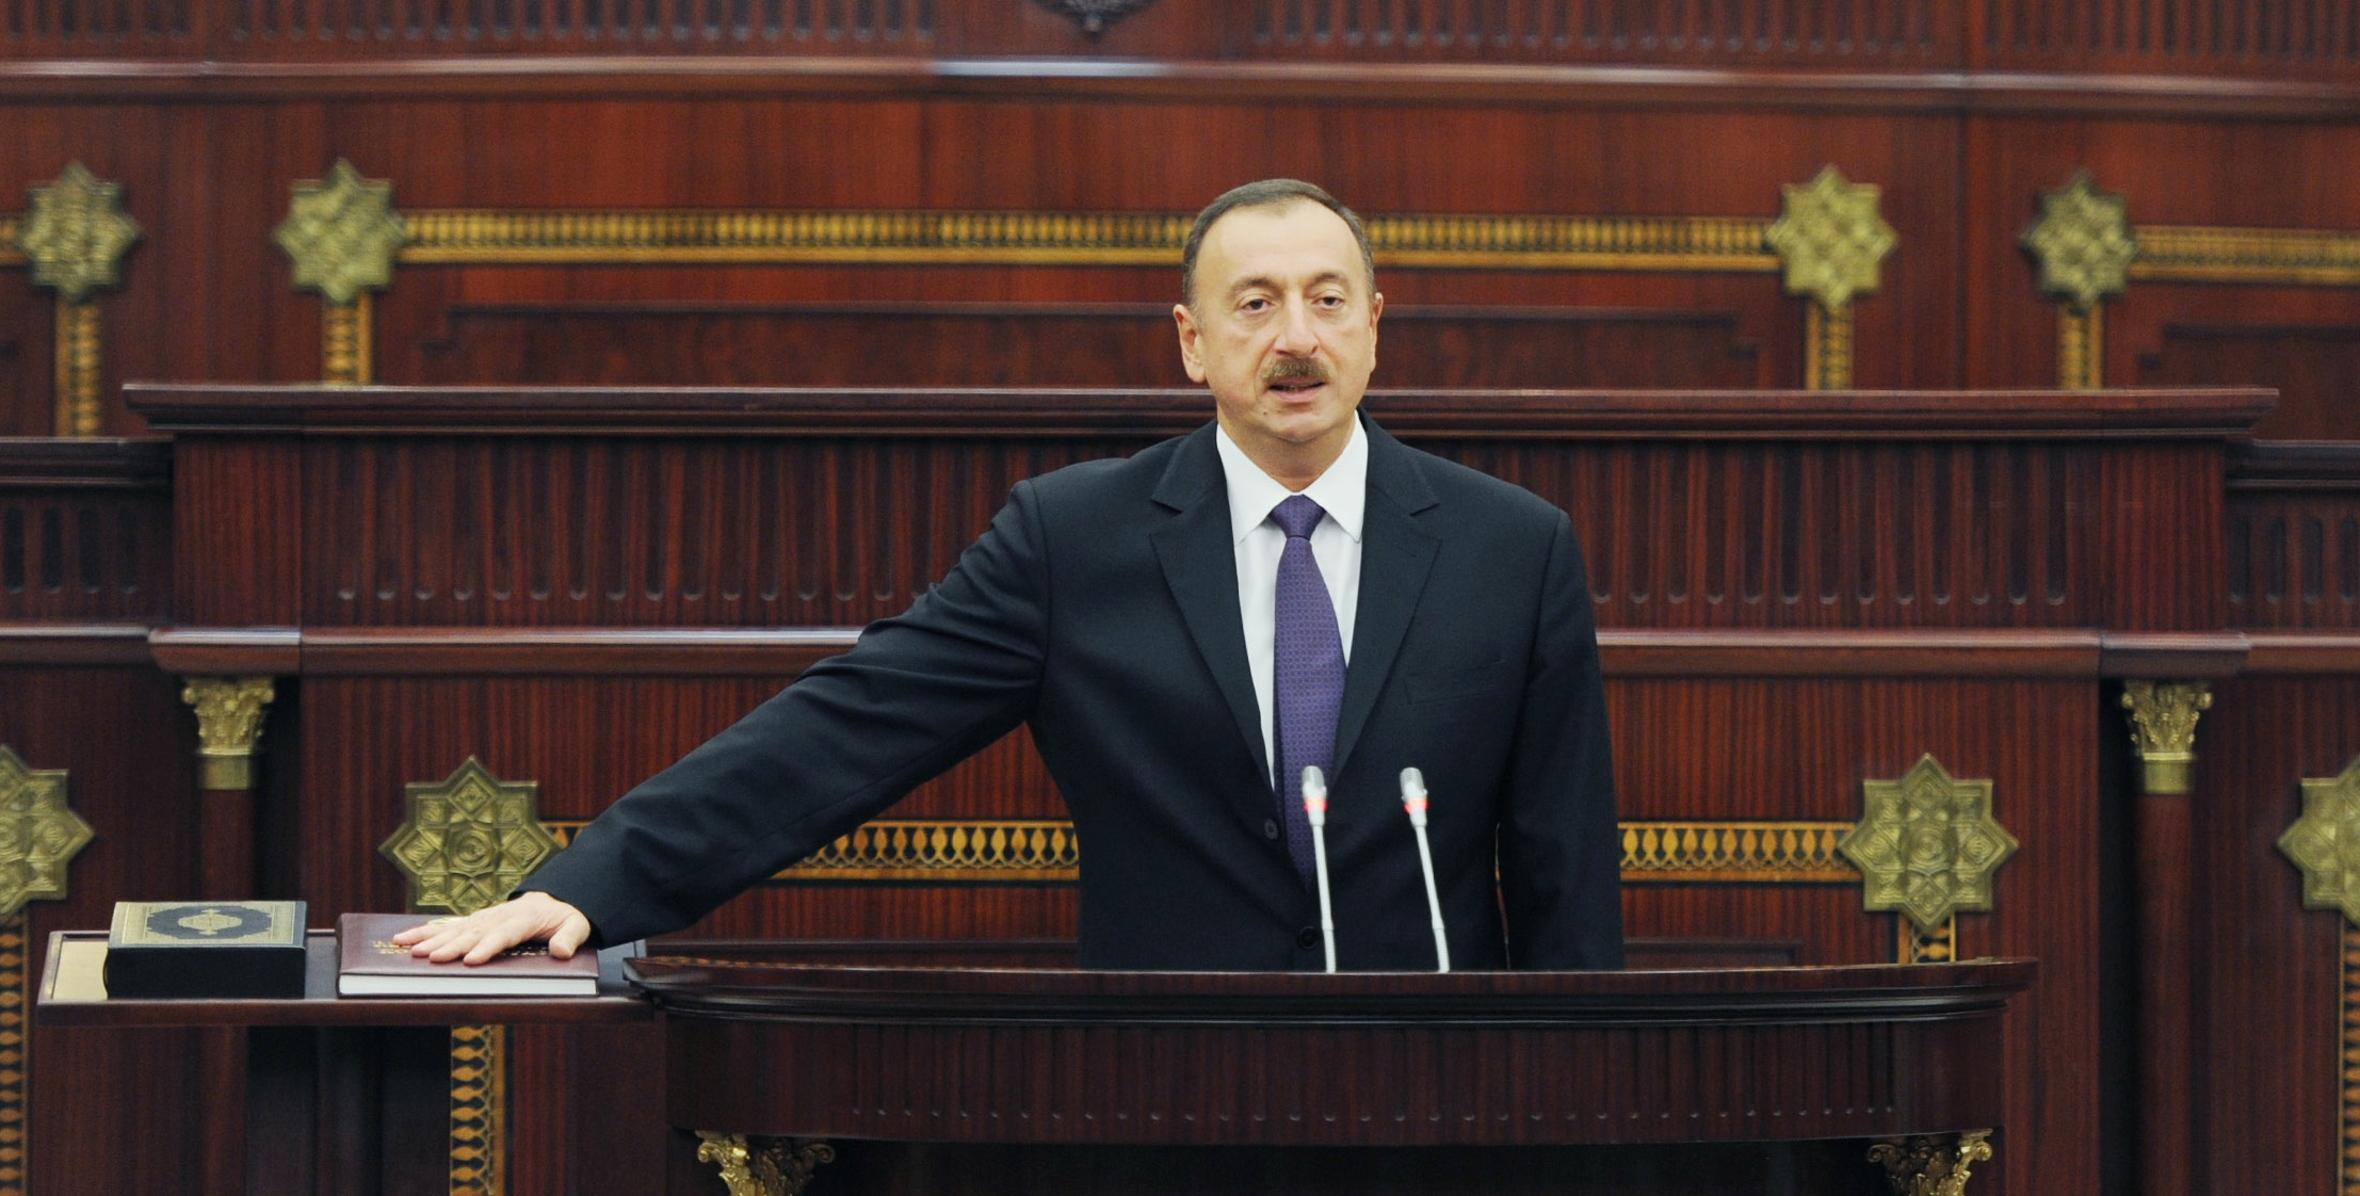 Prezident İlham Əliyev 2003-cü il 15 oktyabr tarixində ilk dəfə Azərbaycan Respublikasının Prezidenti seçildi